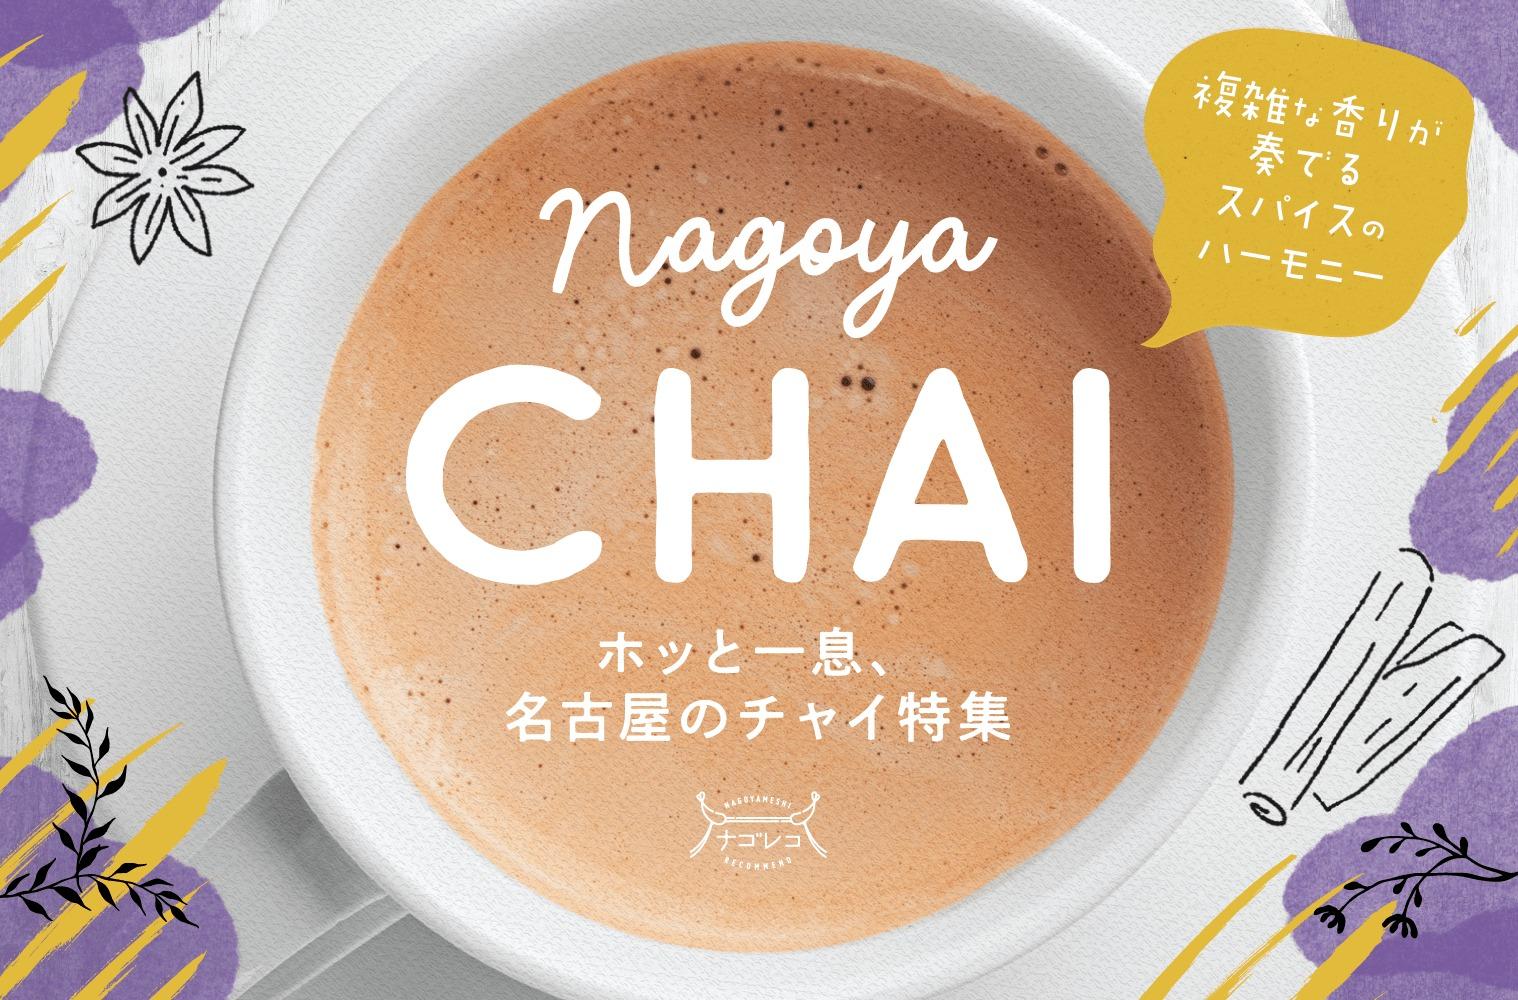 まとめ|複雑な香りが奏でるスパイスのハーモニー!ホッと一息、名古屋のチャイ特集